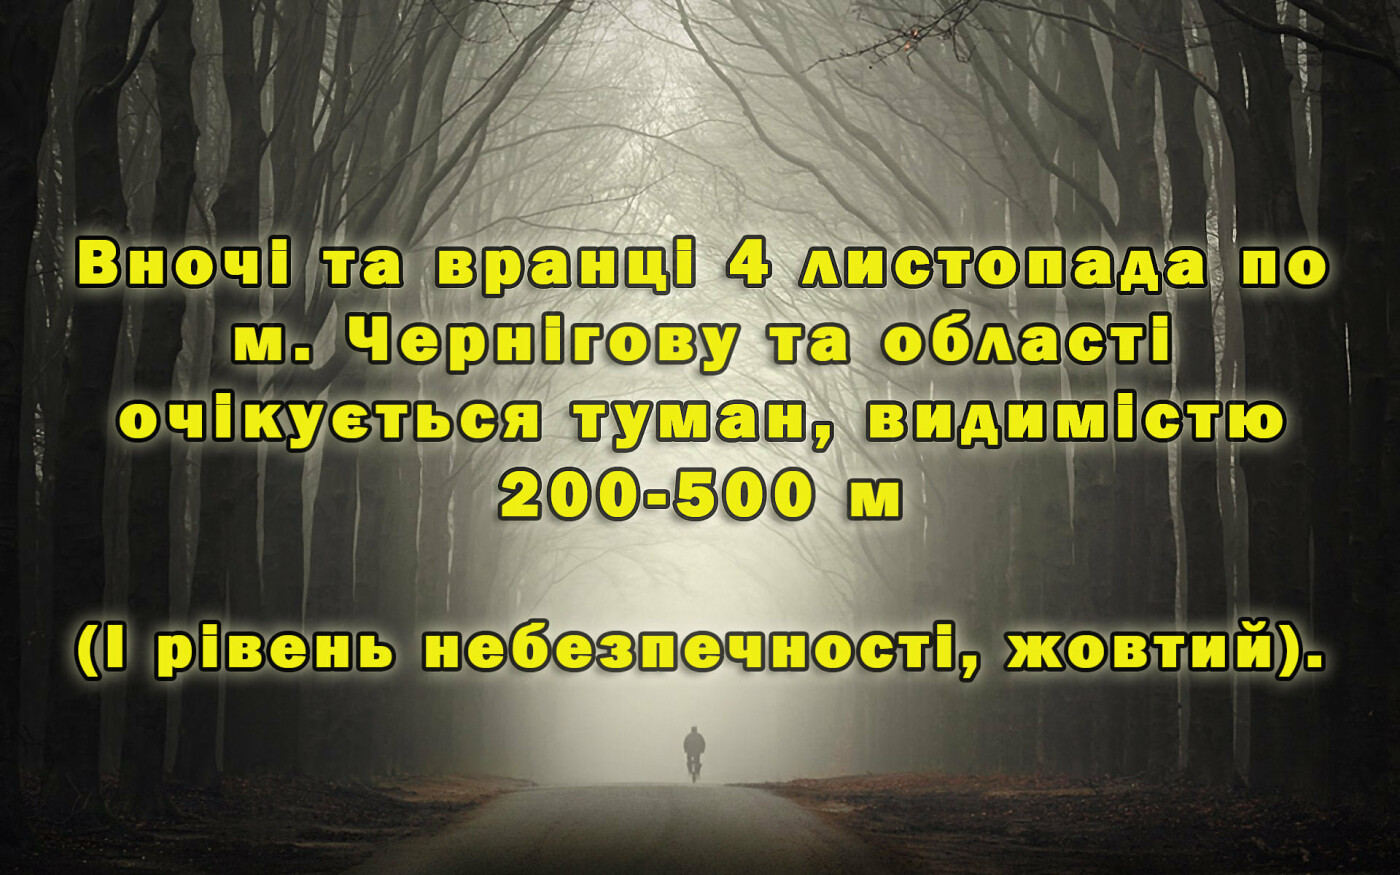 На Чернігів та область насувається небезпечне метеорологічне явище, фото-1